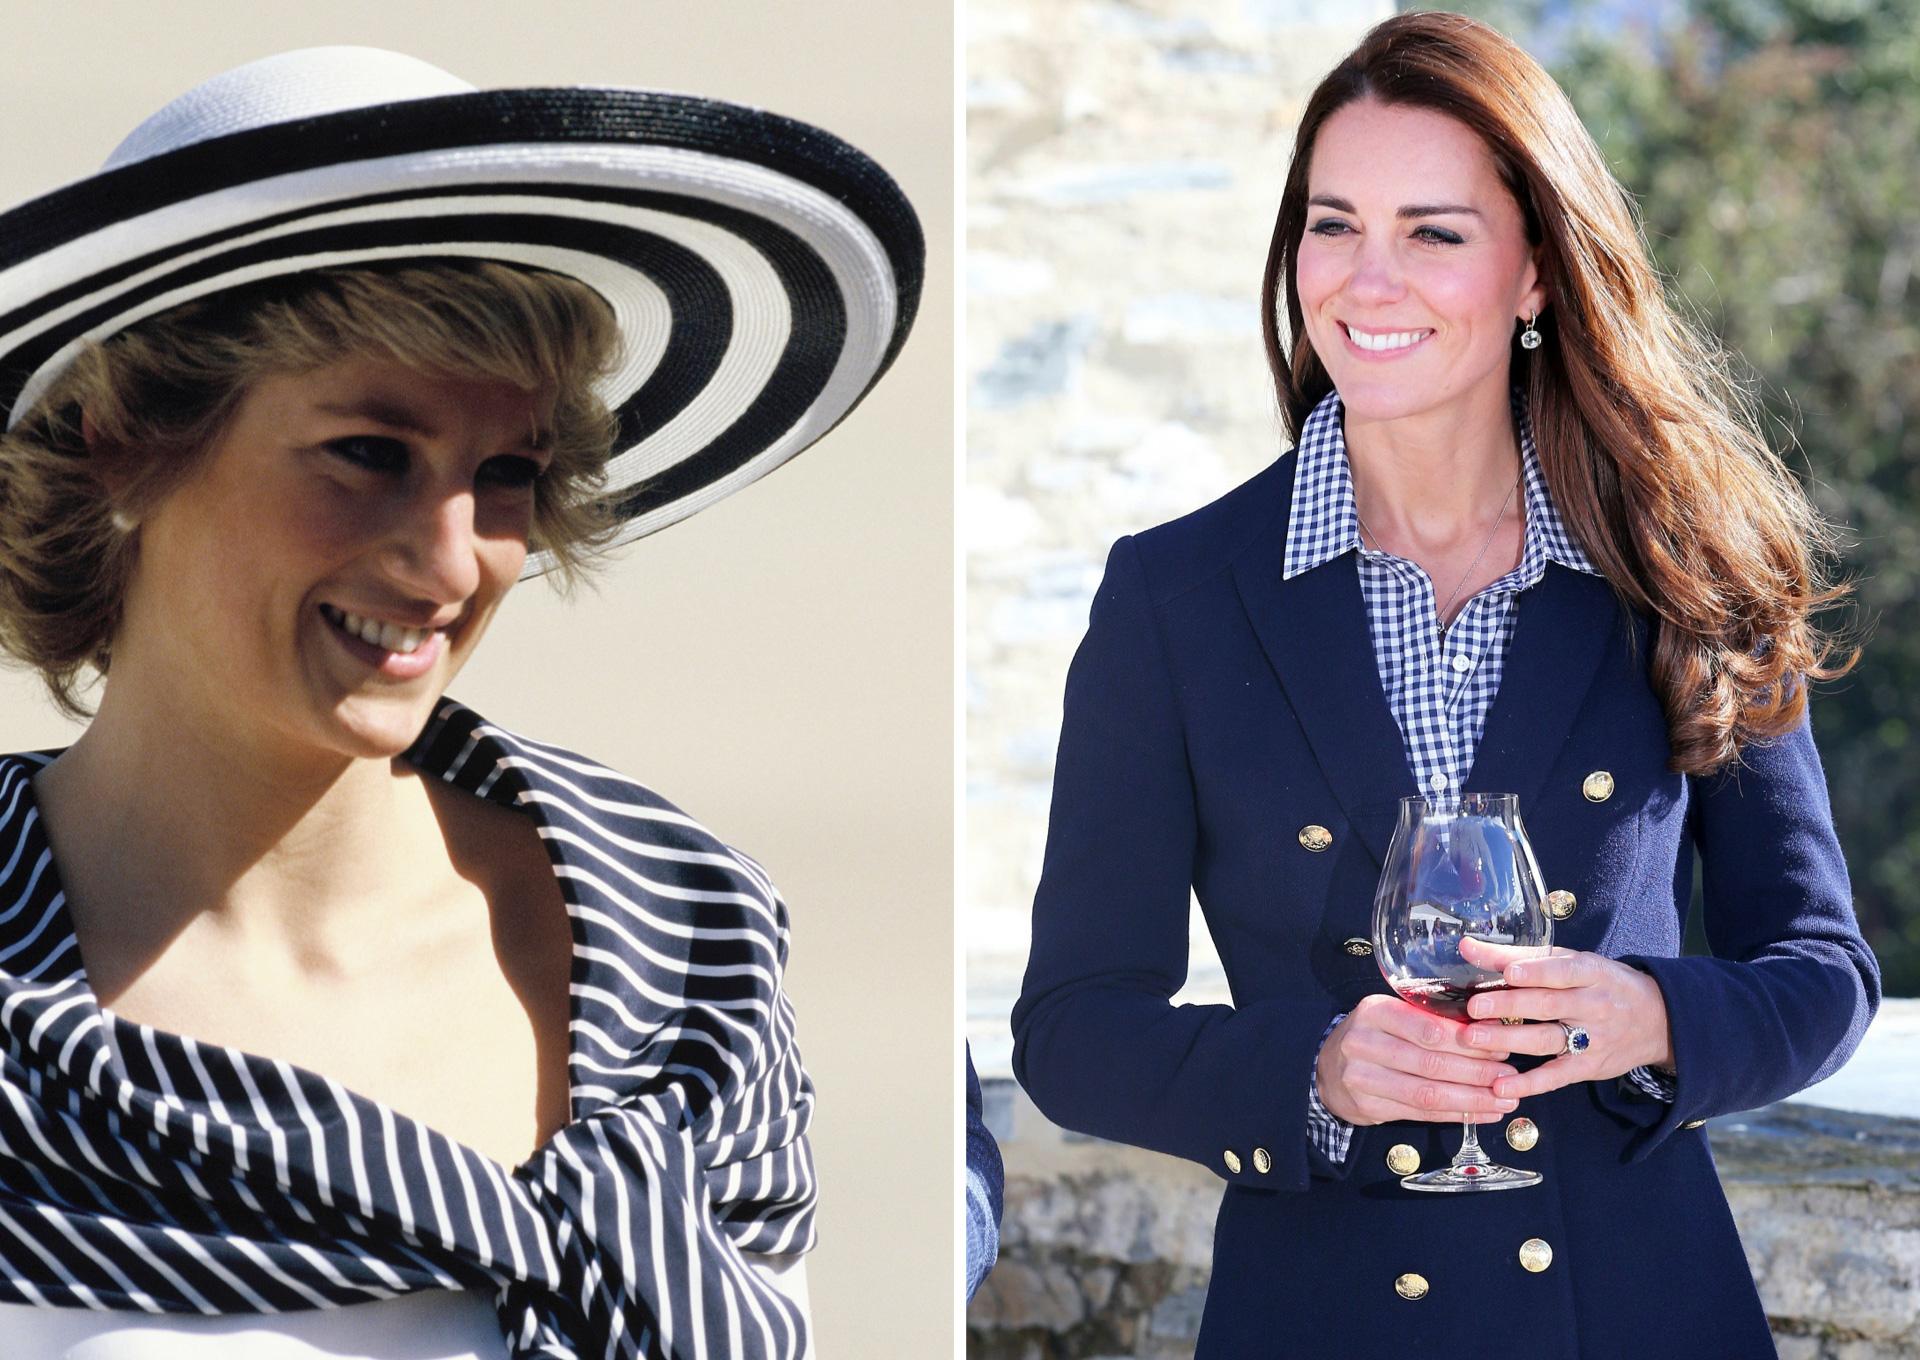 Princess Diana and Kate Middleton wearing navy